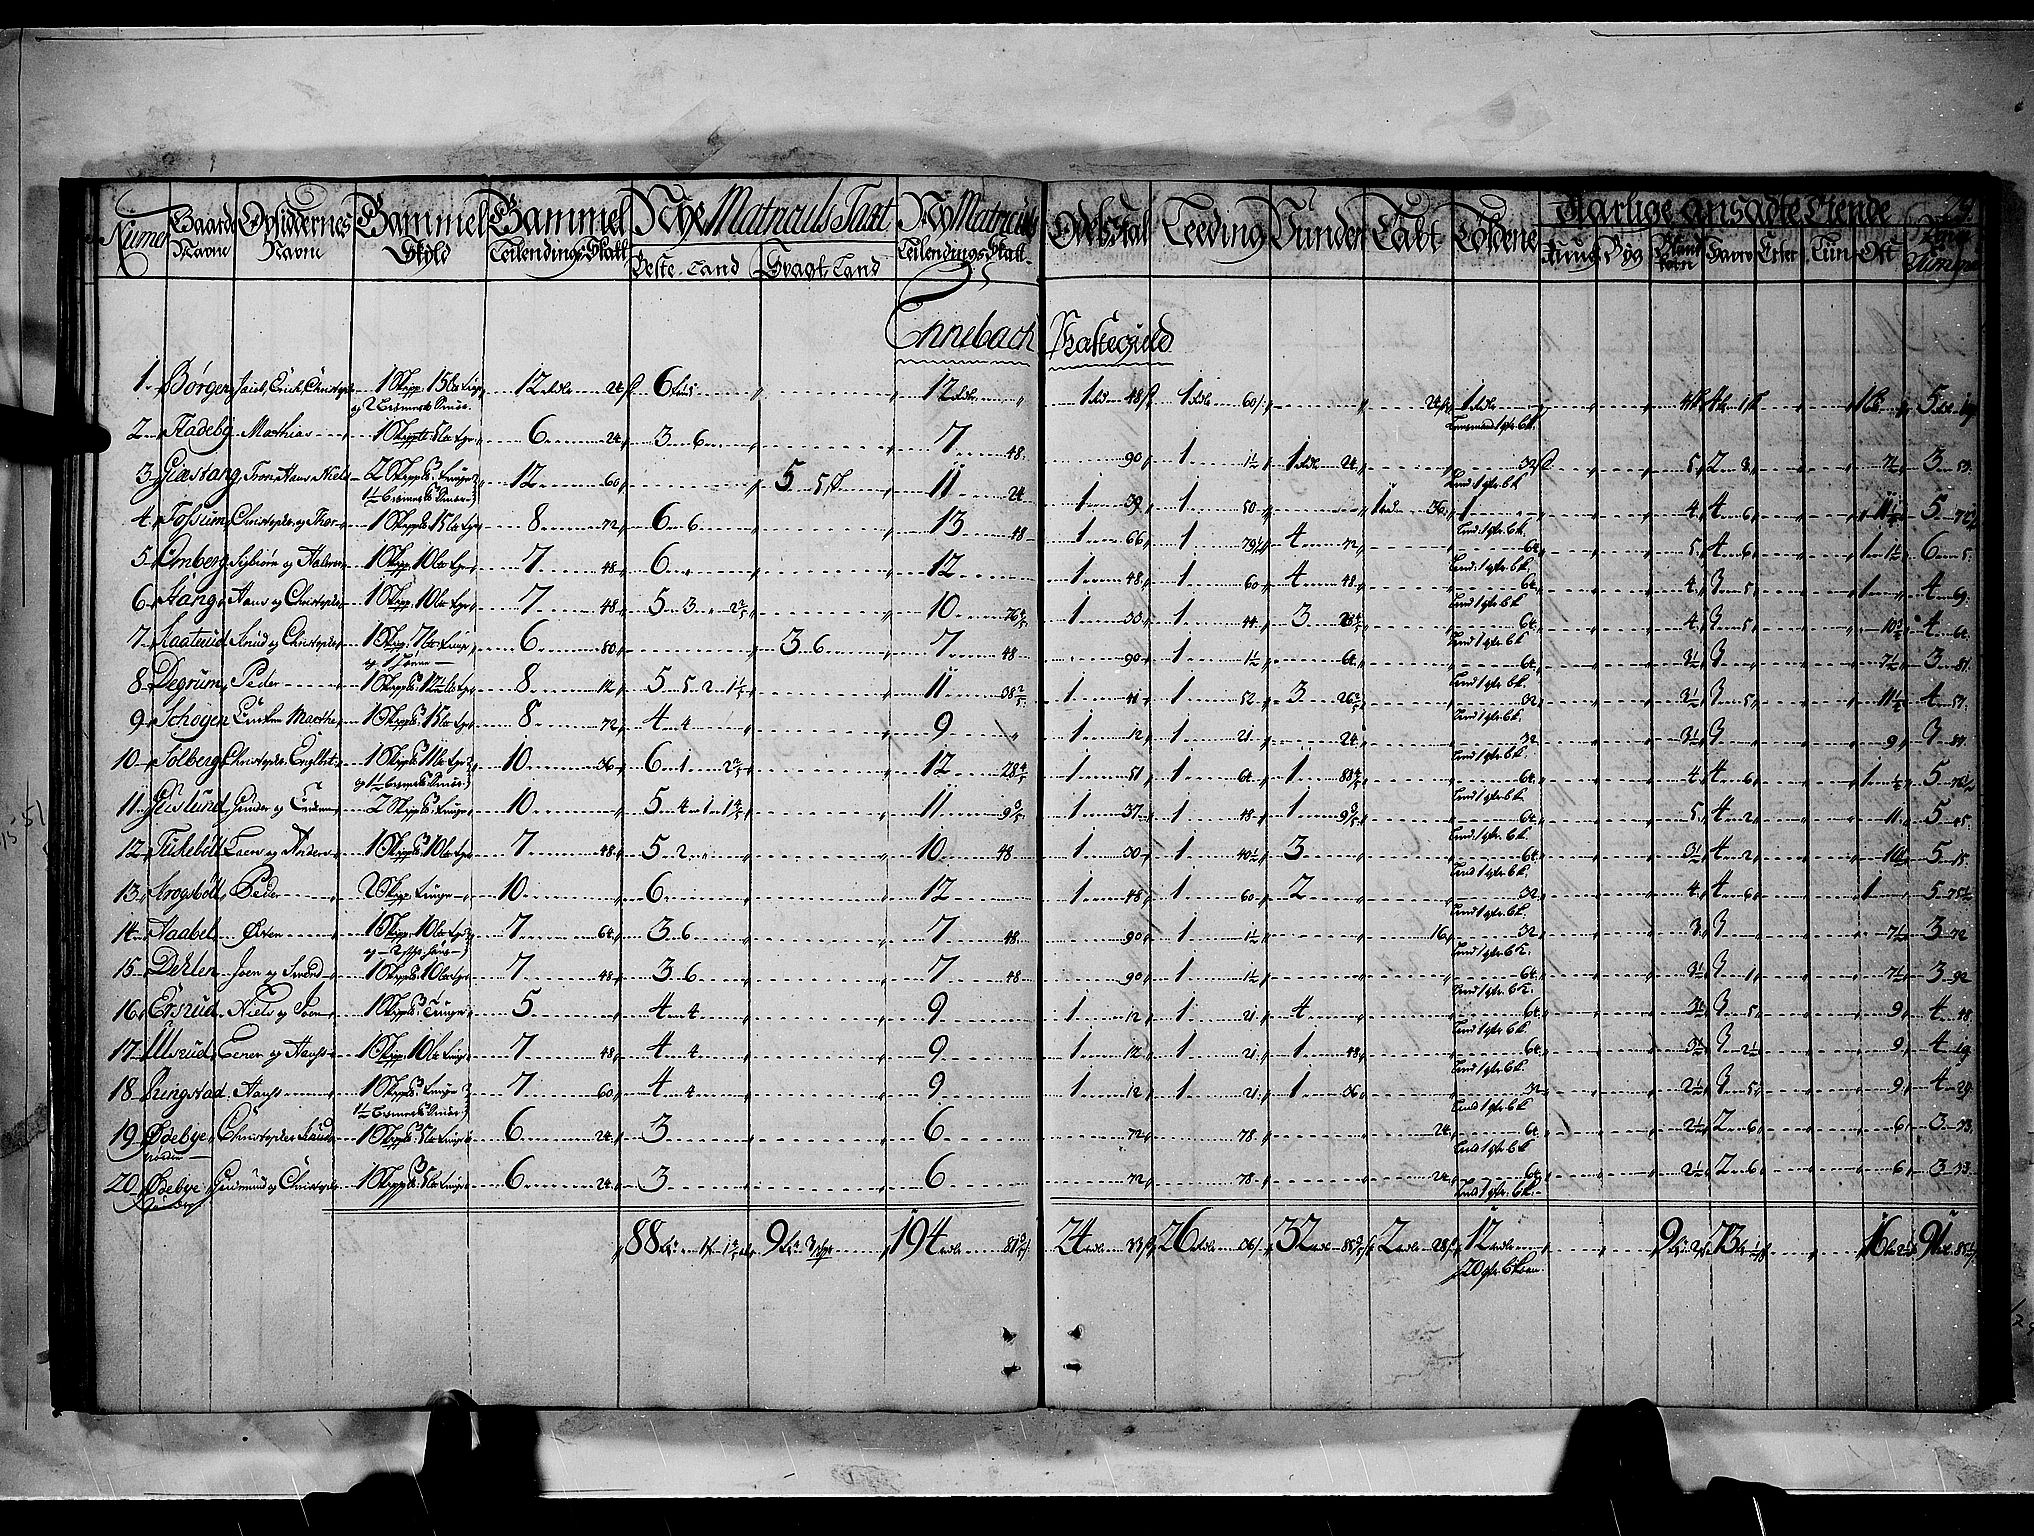 RA, Rentekammeret inntil 1814, Realistisk ordnet avdeling, N/Nb/Nbf/L0092: Nedre Romerike matrikkelprotokoll, 1723, s. 28b-29a